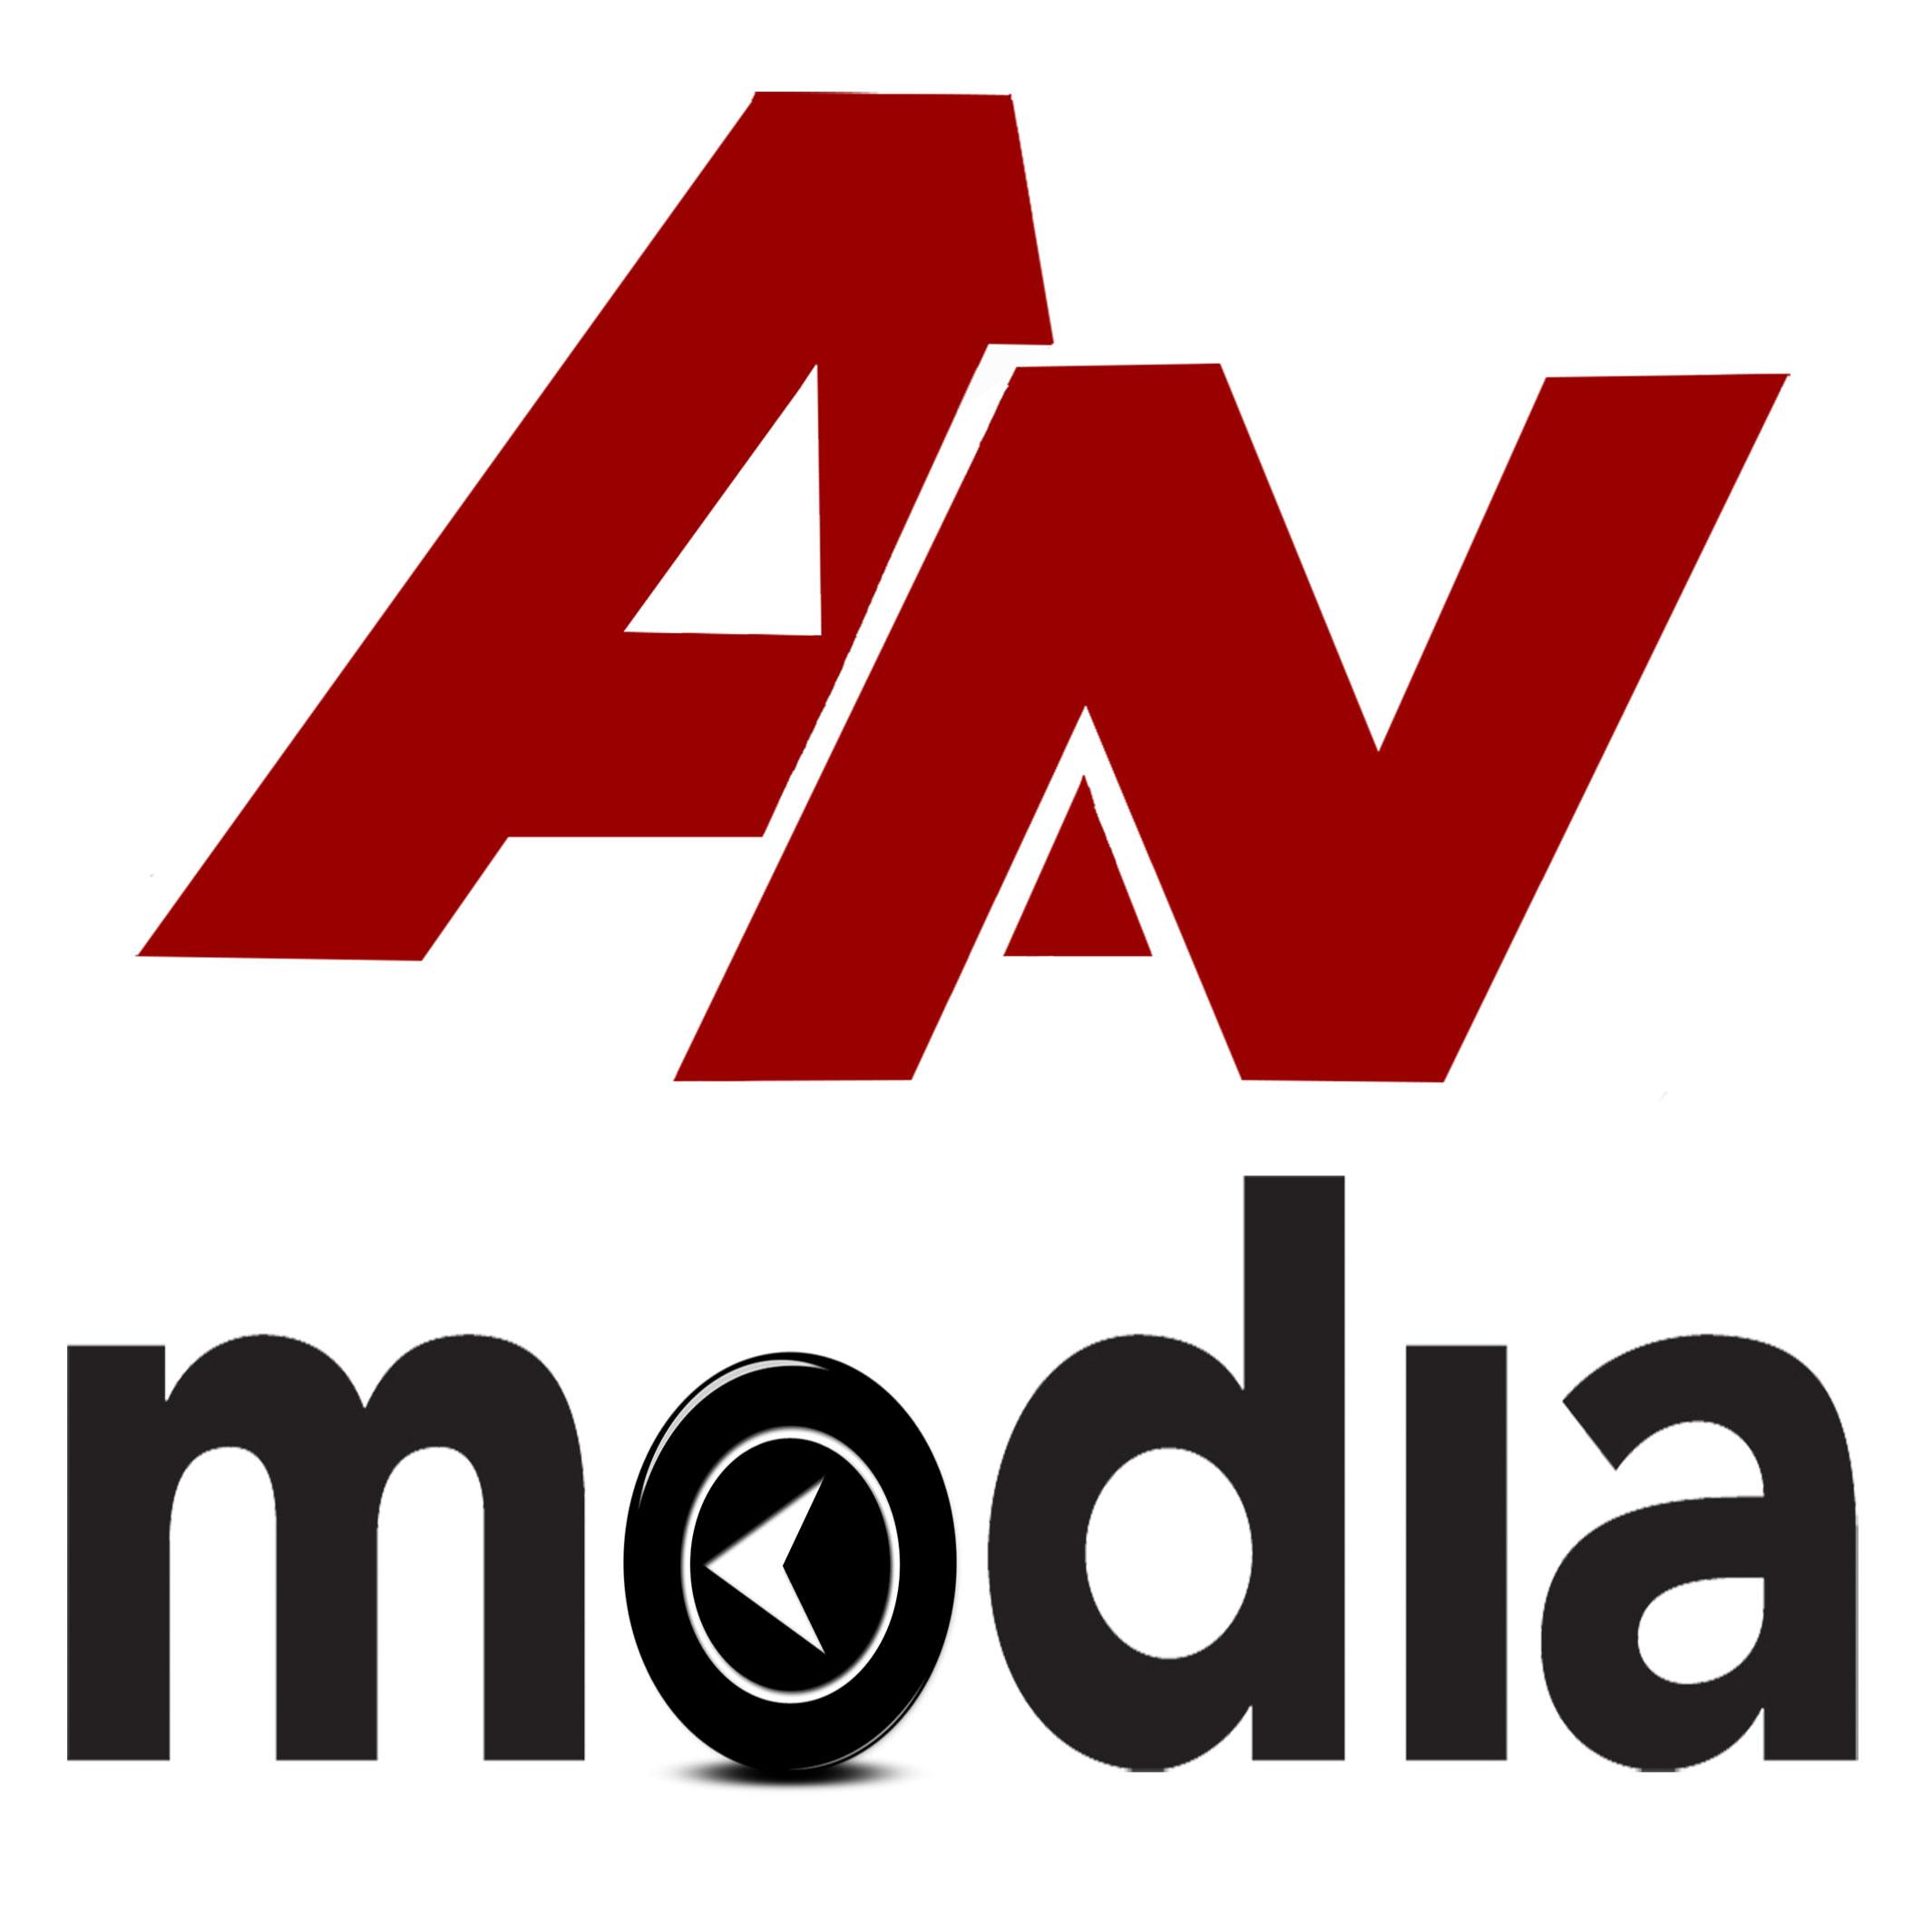 anm-logo-2 - The Blazing Press  |Anm